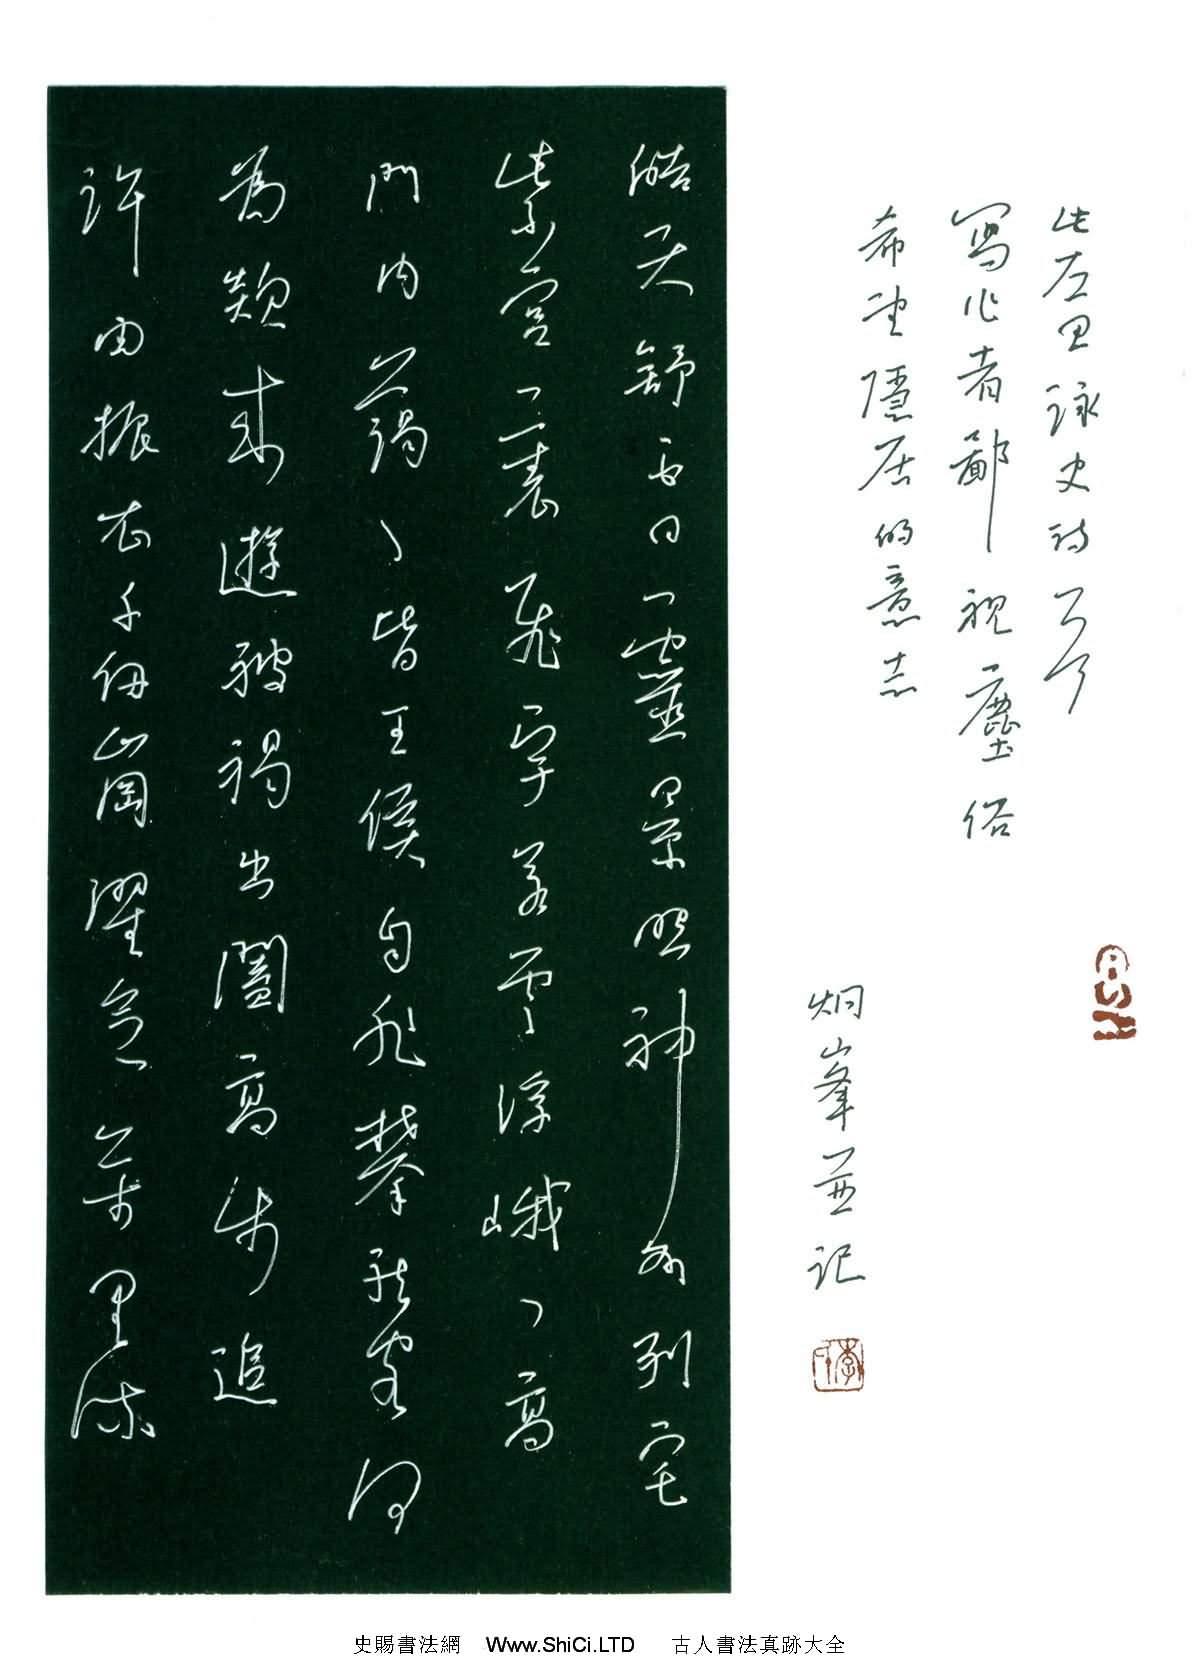 李炯峰硬筆書法欣賞